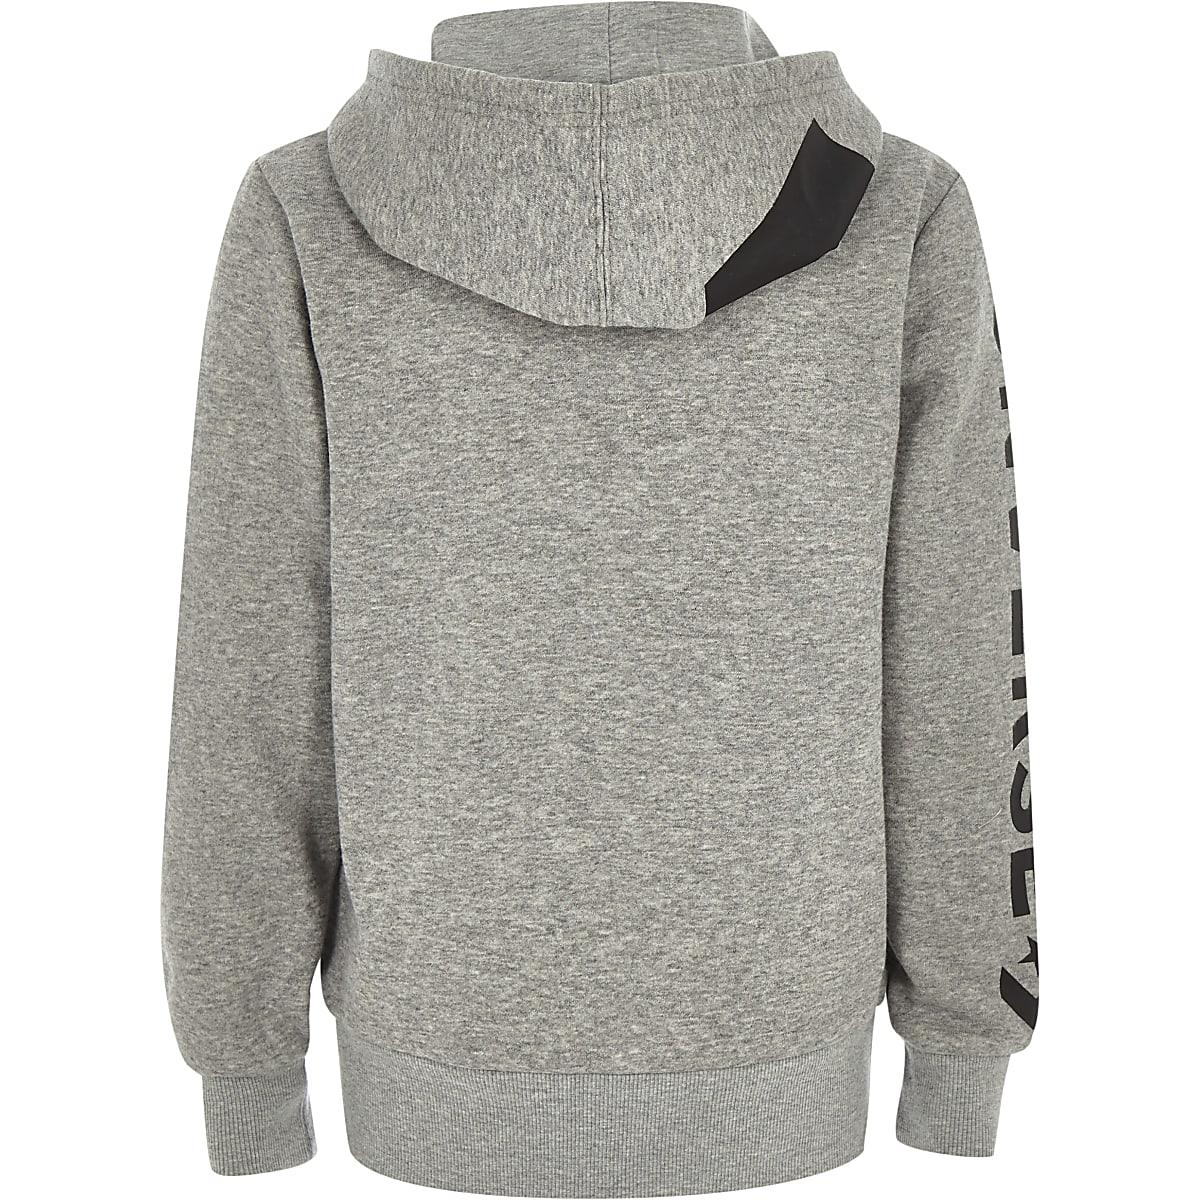 0963c43cddb3 Boys Converse grey zip up tracksuit hoodie - Hoodies   Sweatshirts ...